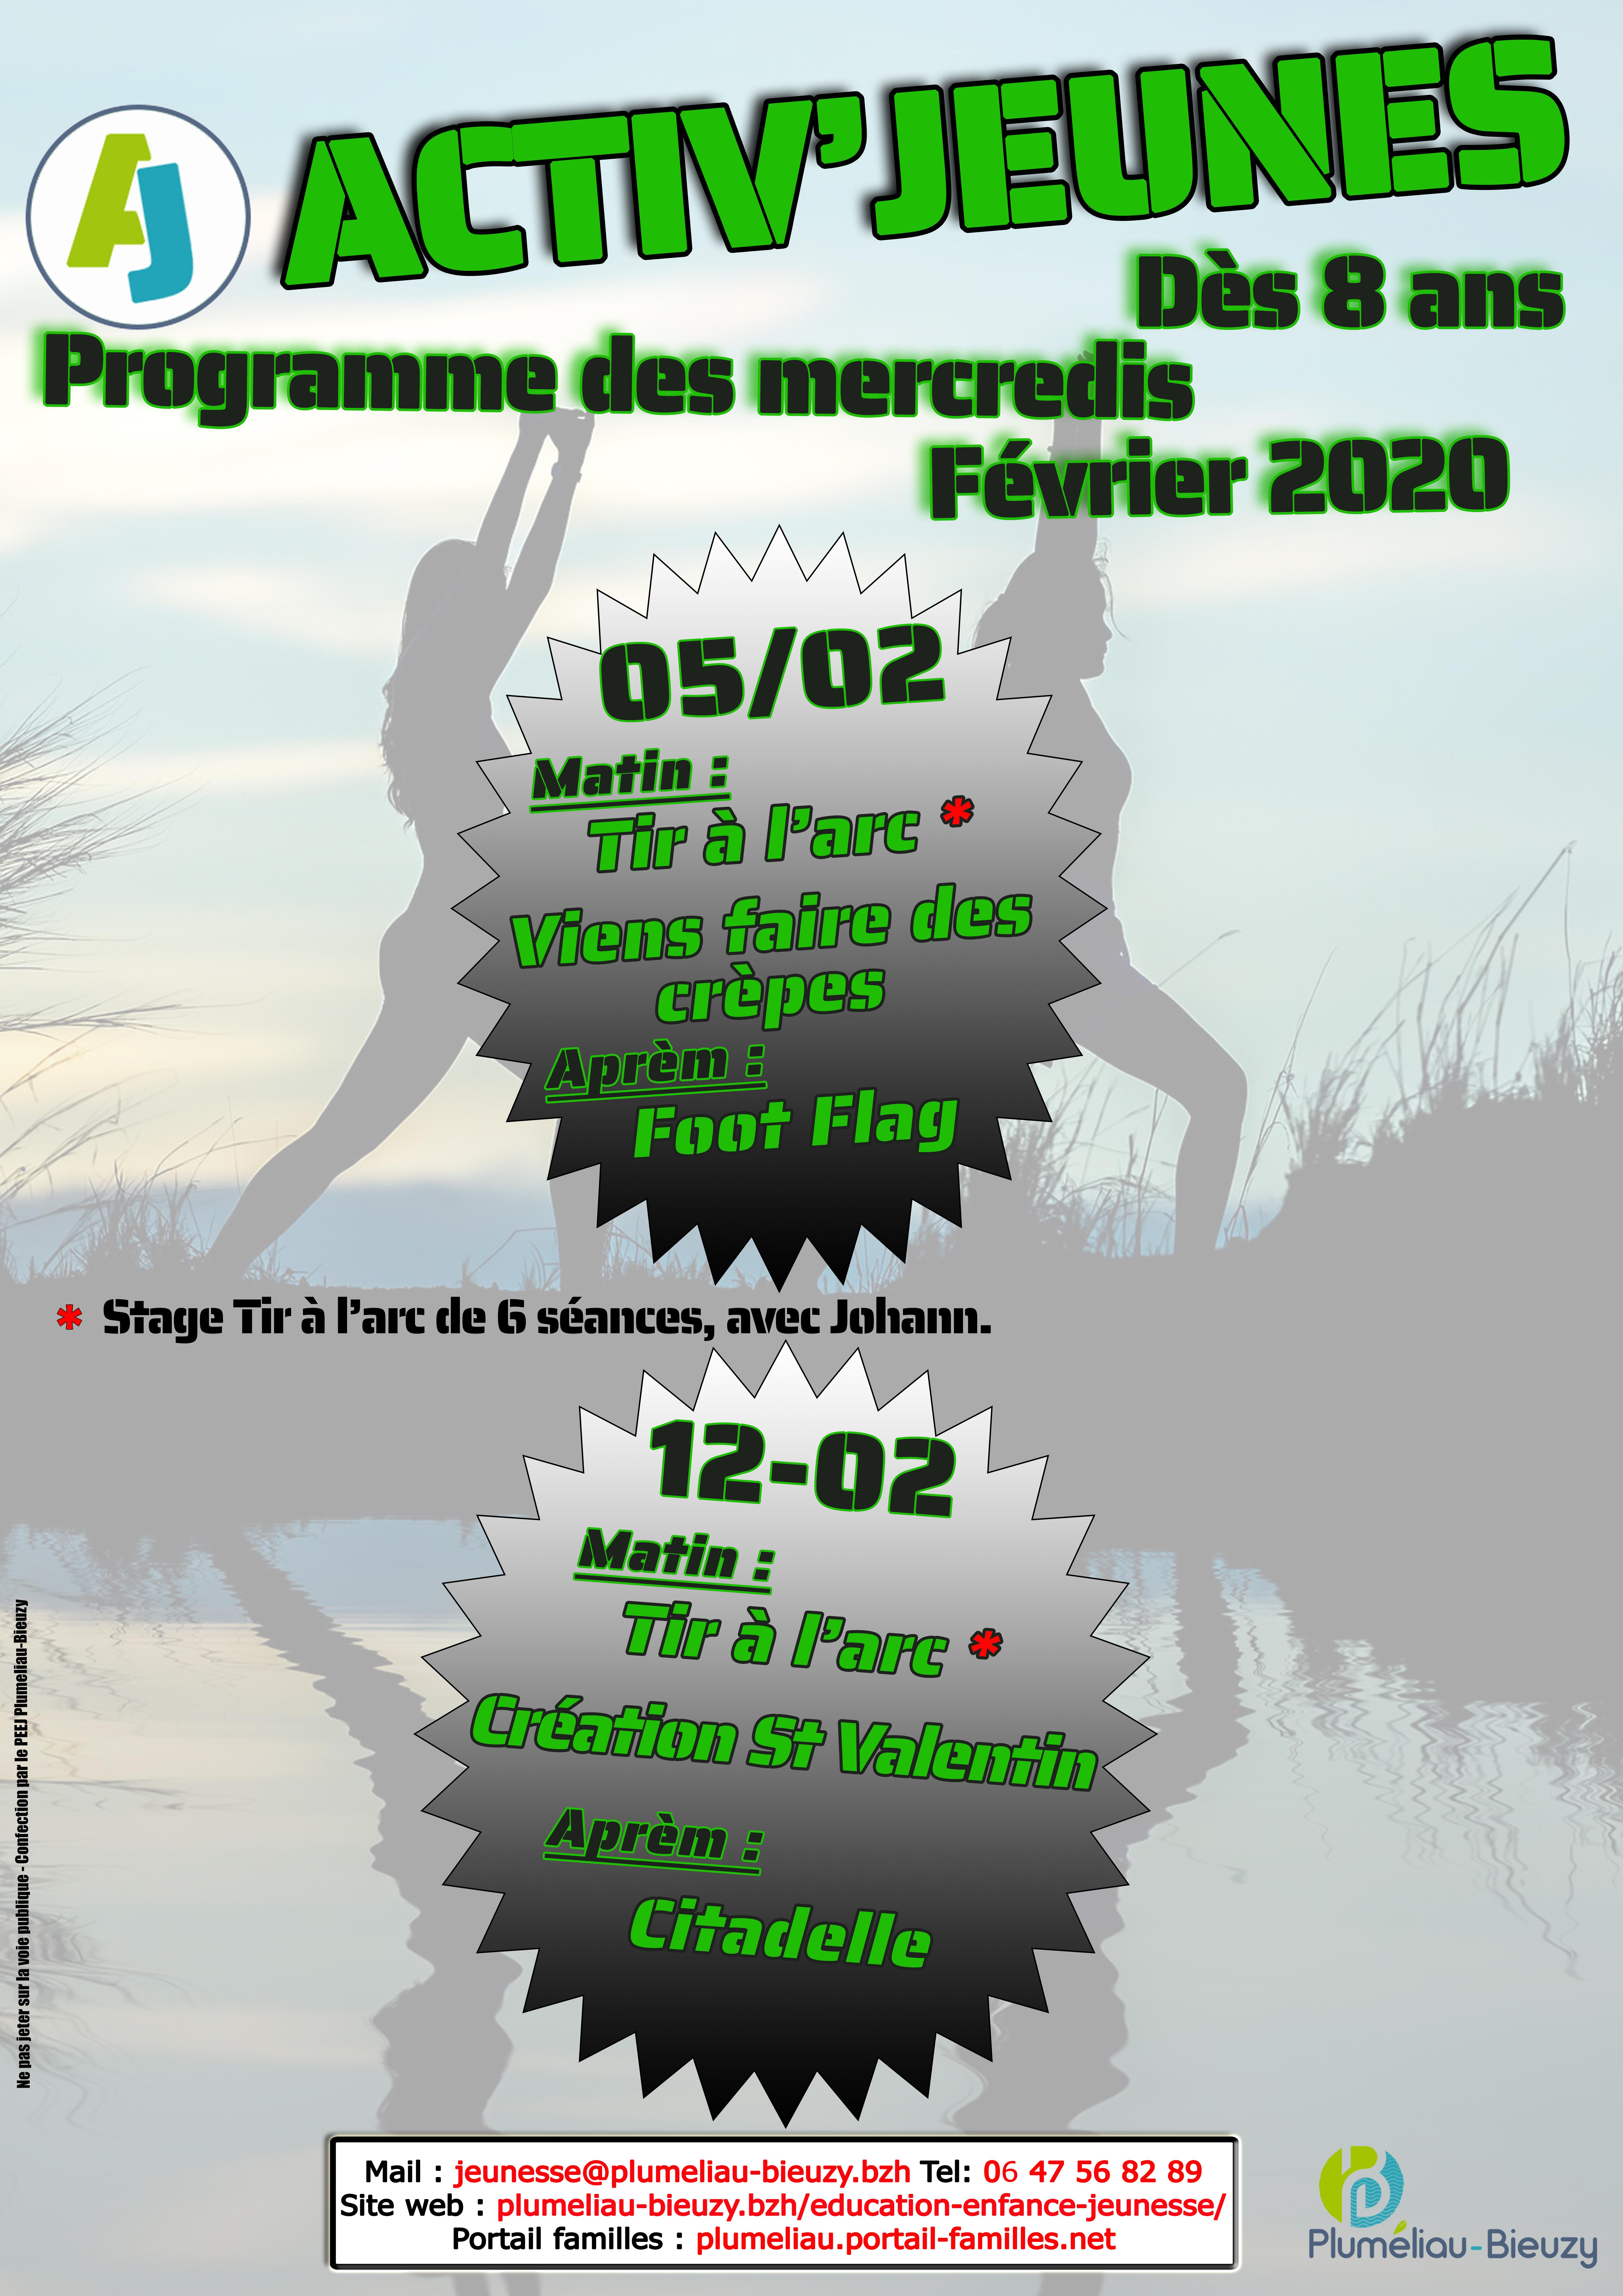 Programme des mercredis de février 2020